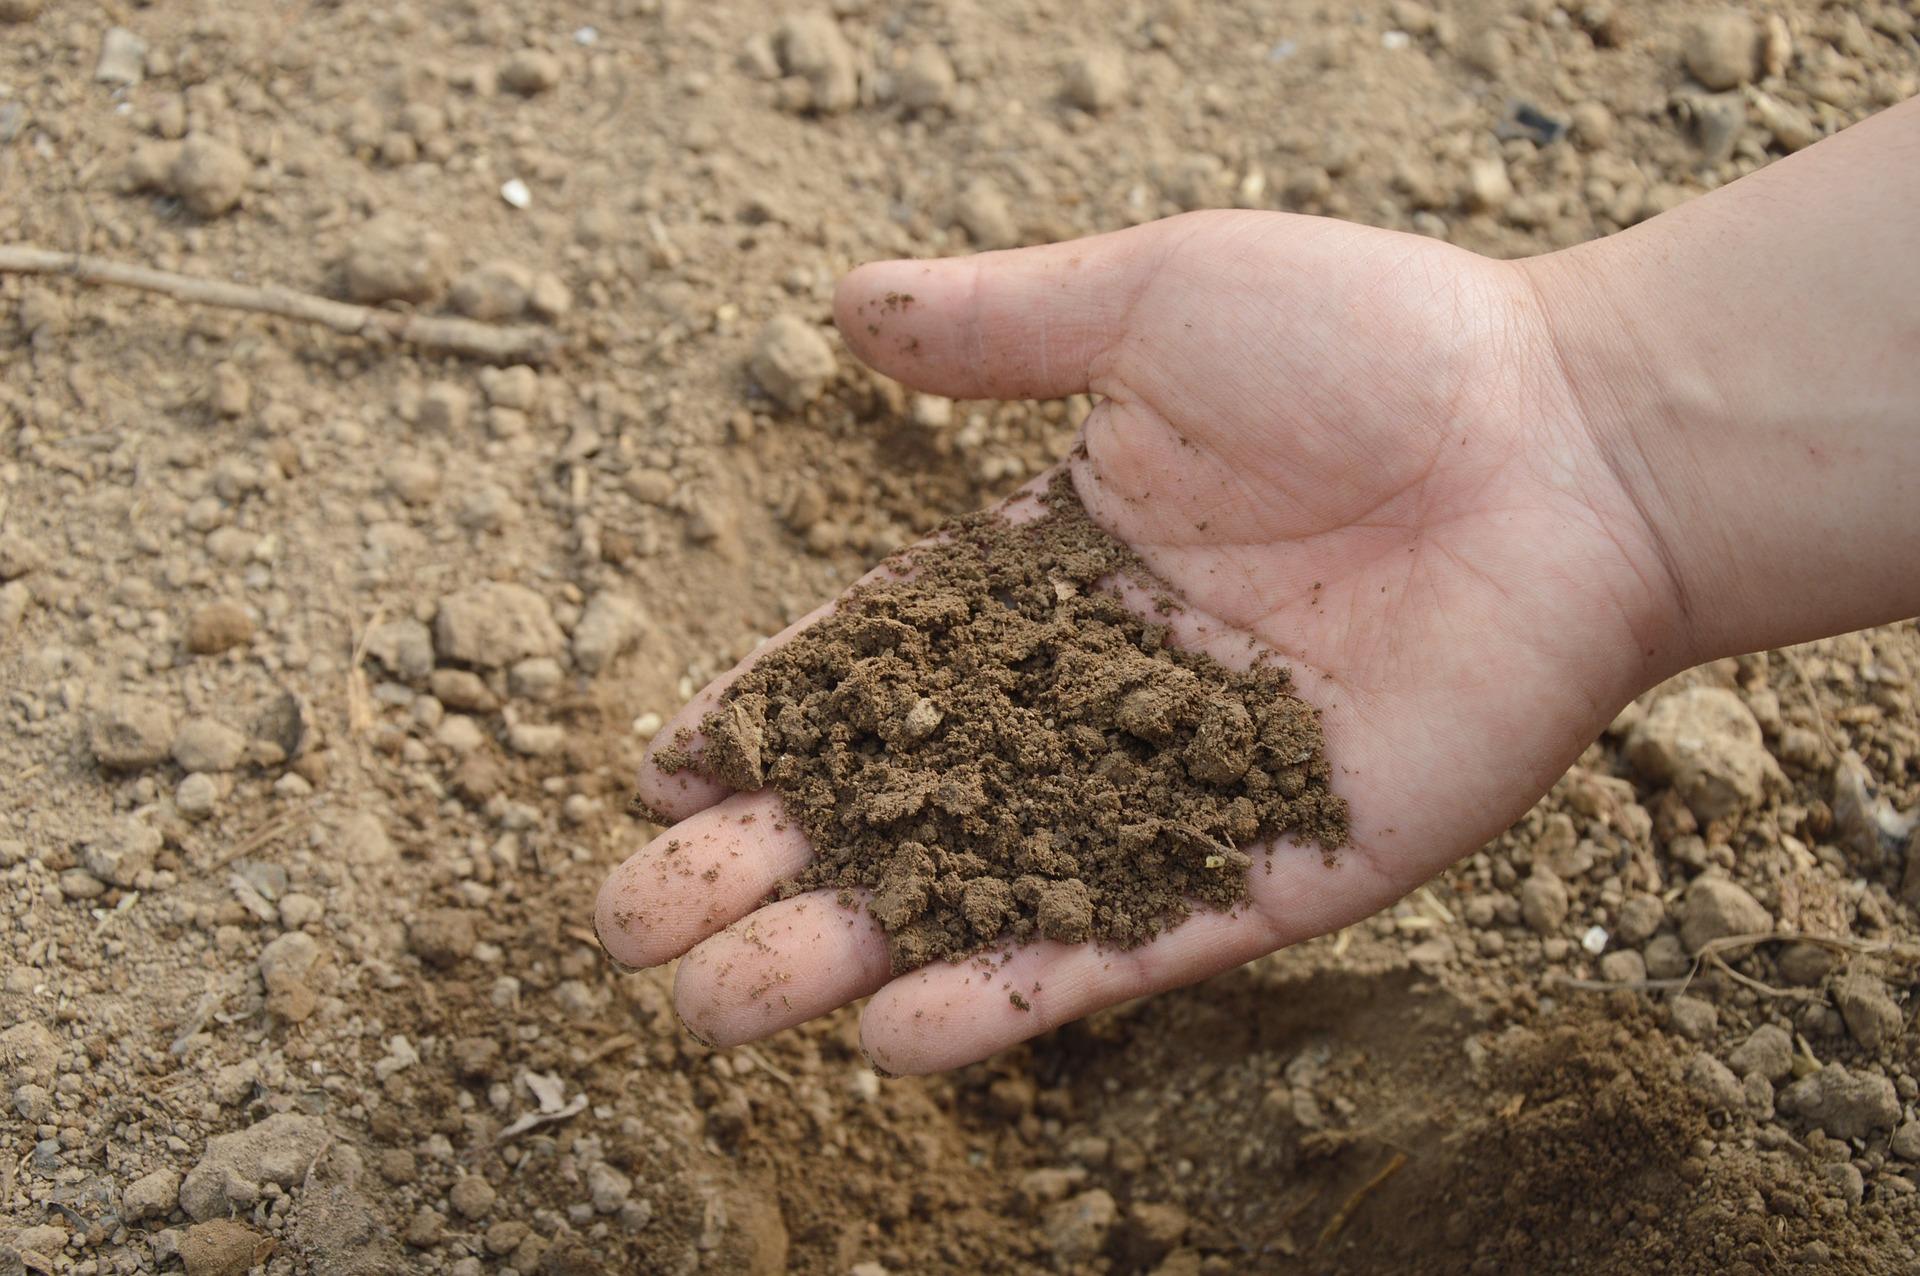 Bundes-Bodenschutzgesetz, §17 – davon sind wir weit entfernt